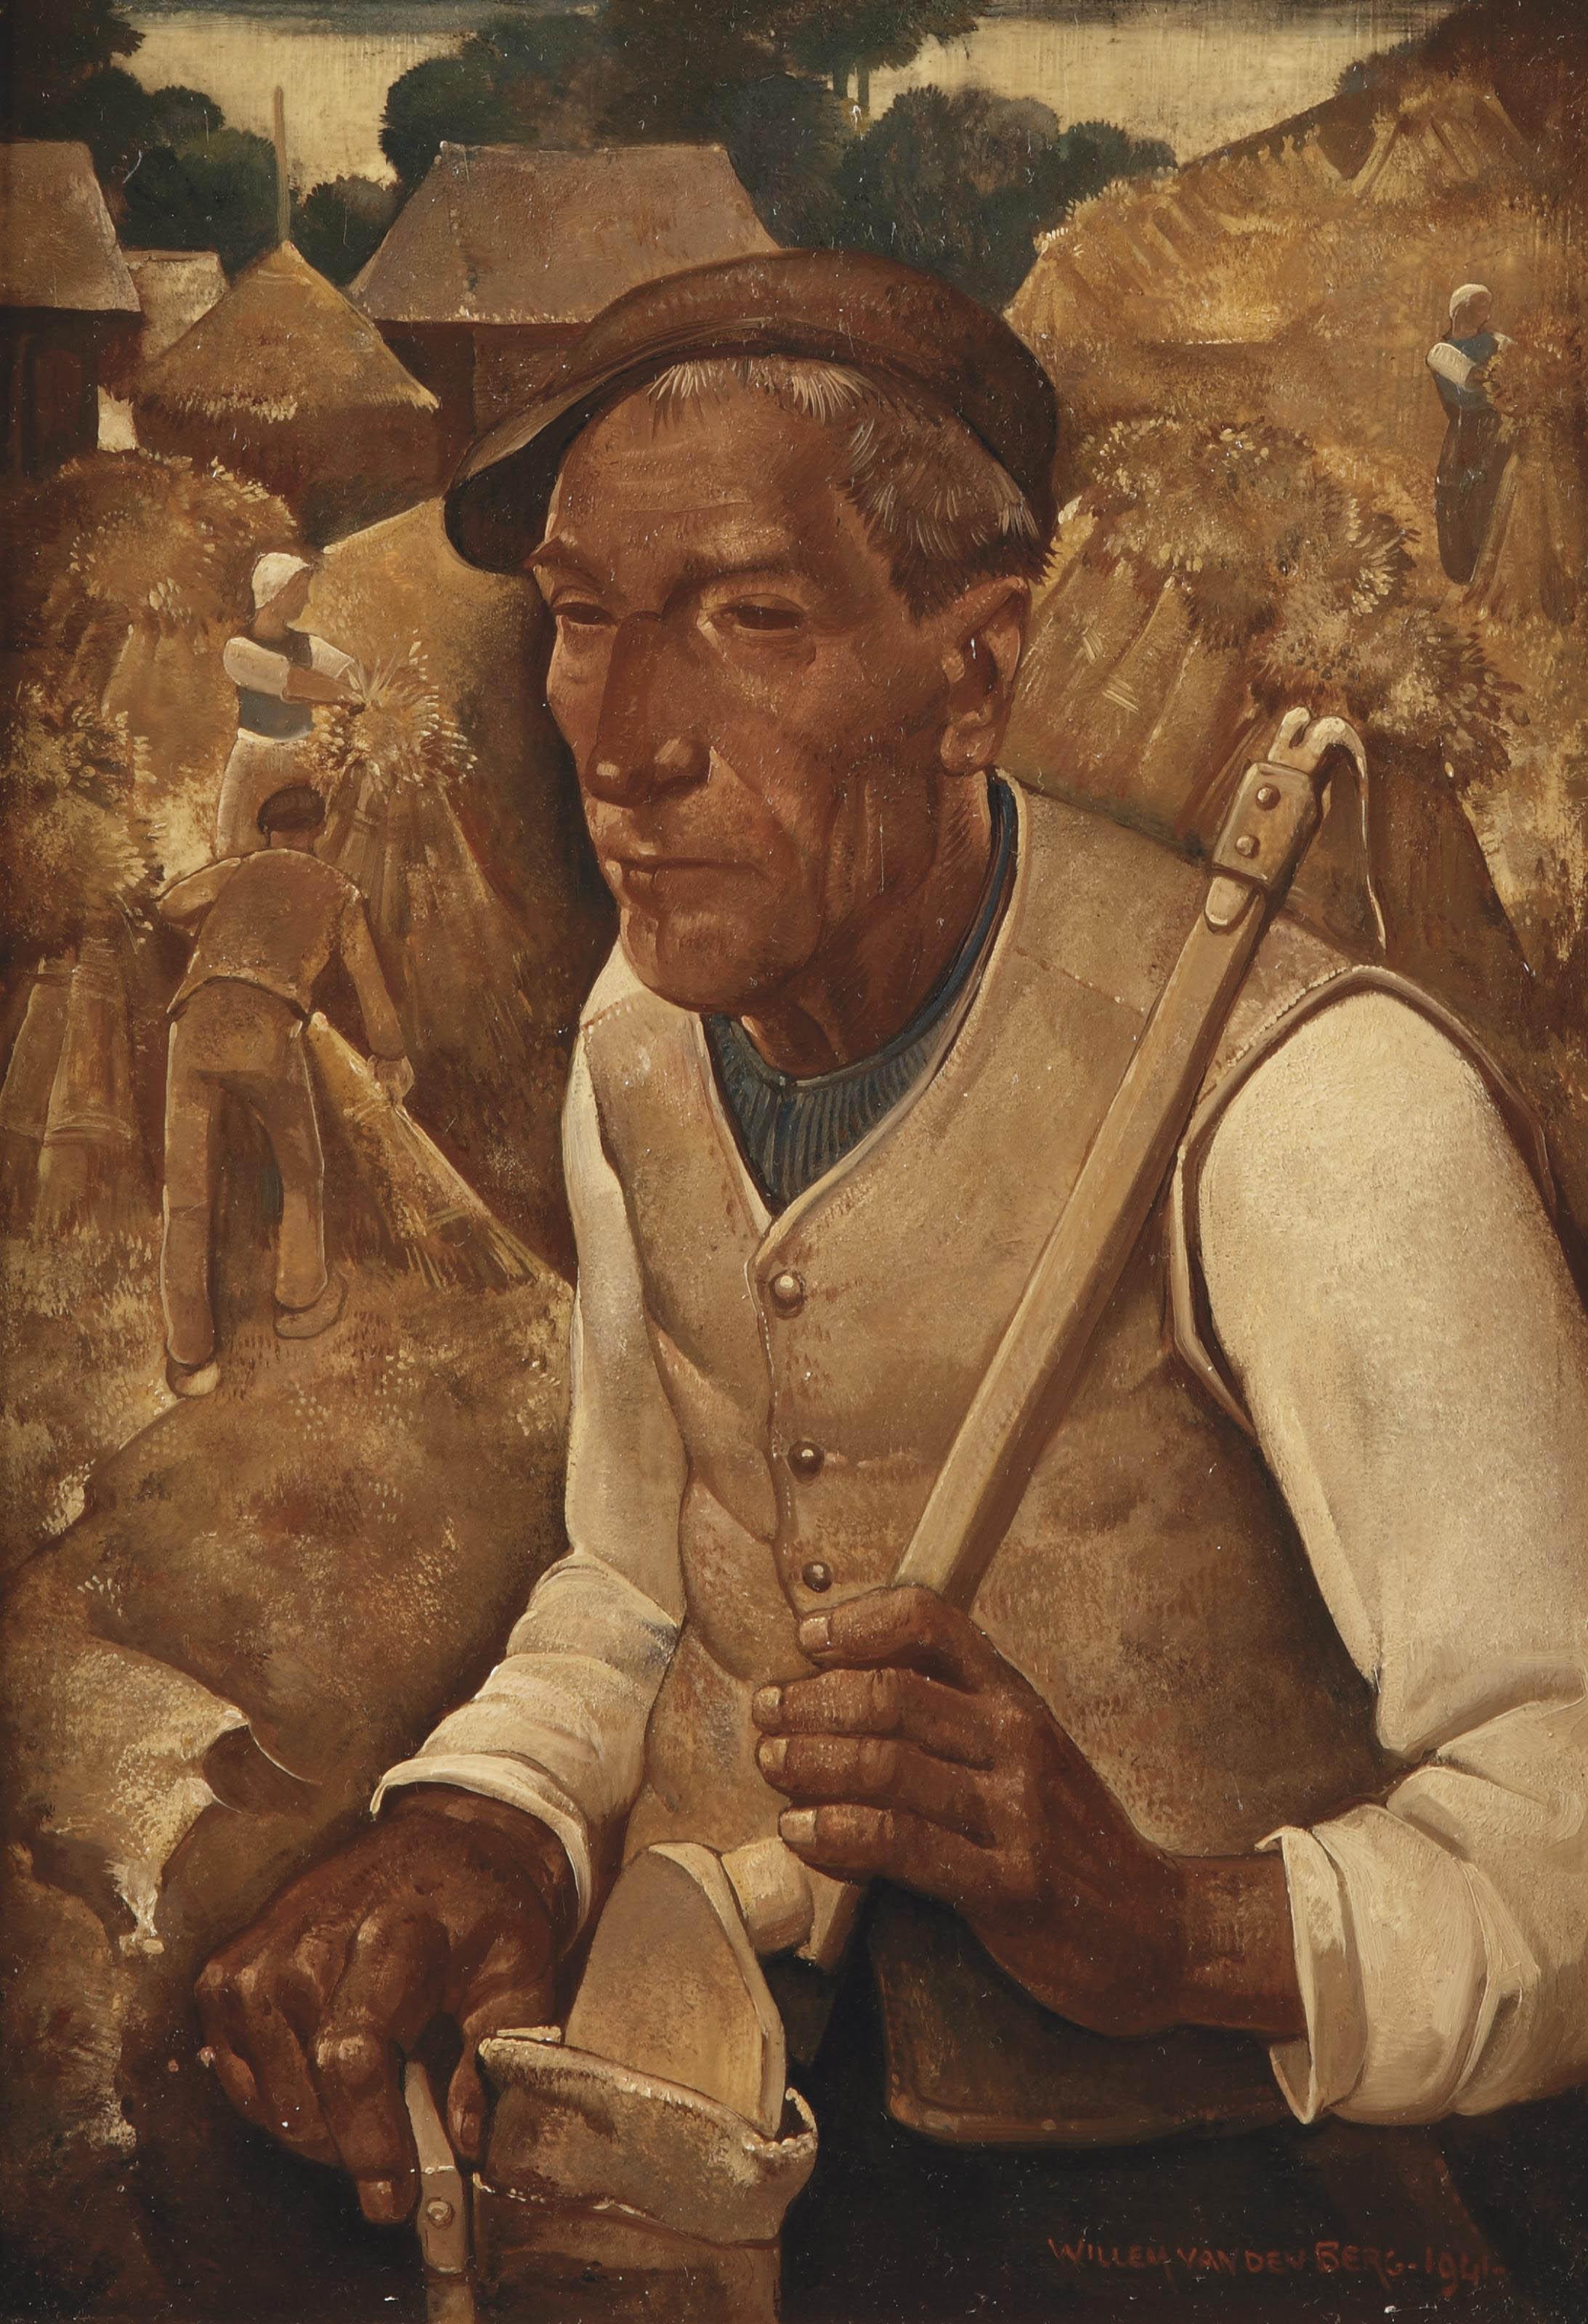 Willem van den Berg (1886-1970)